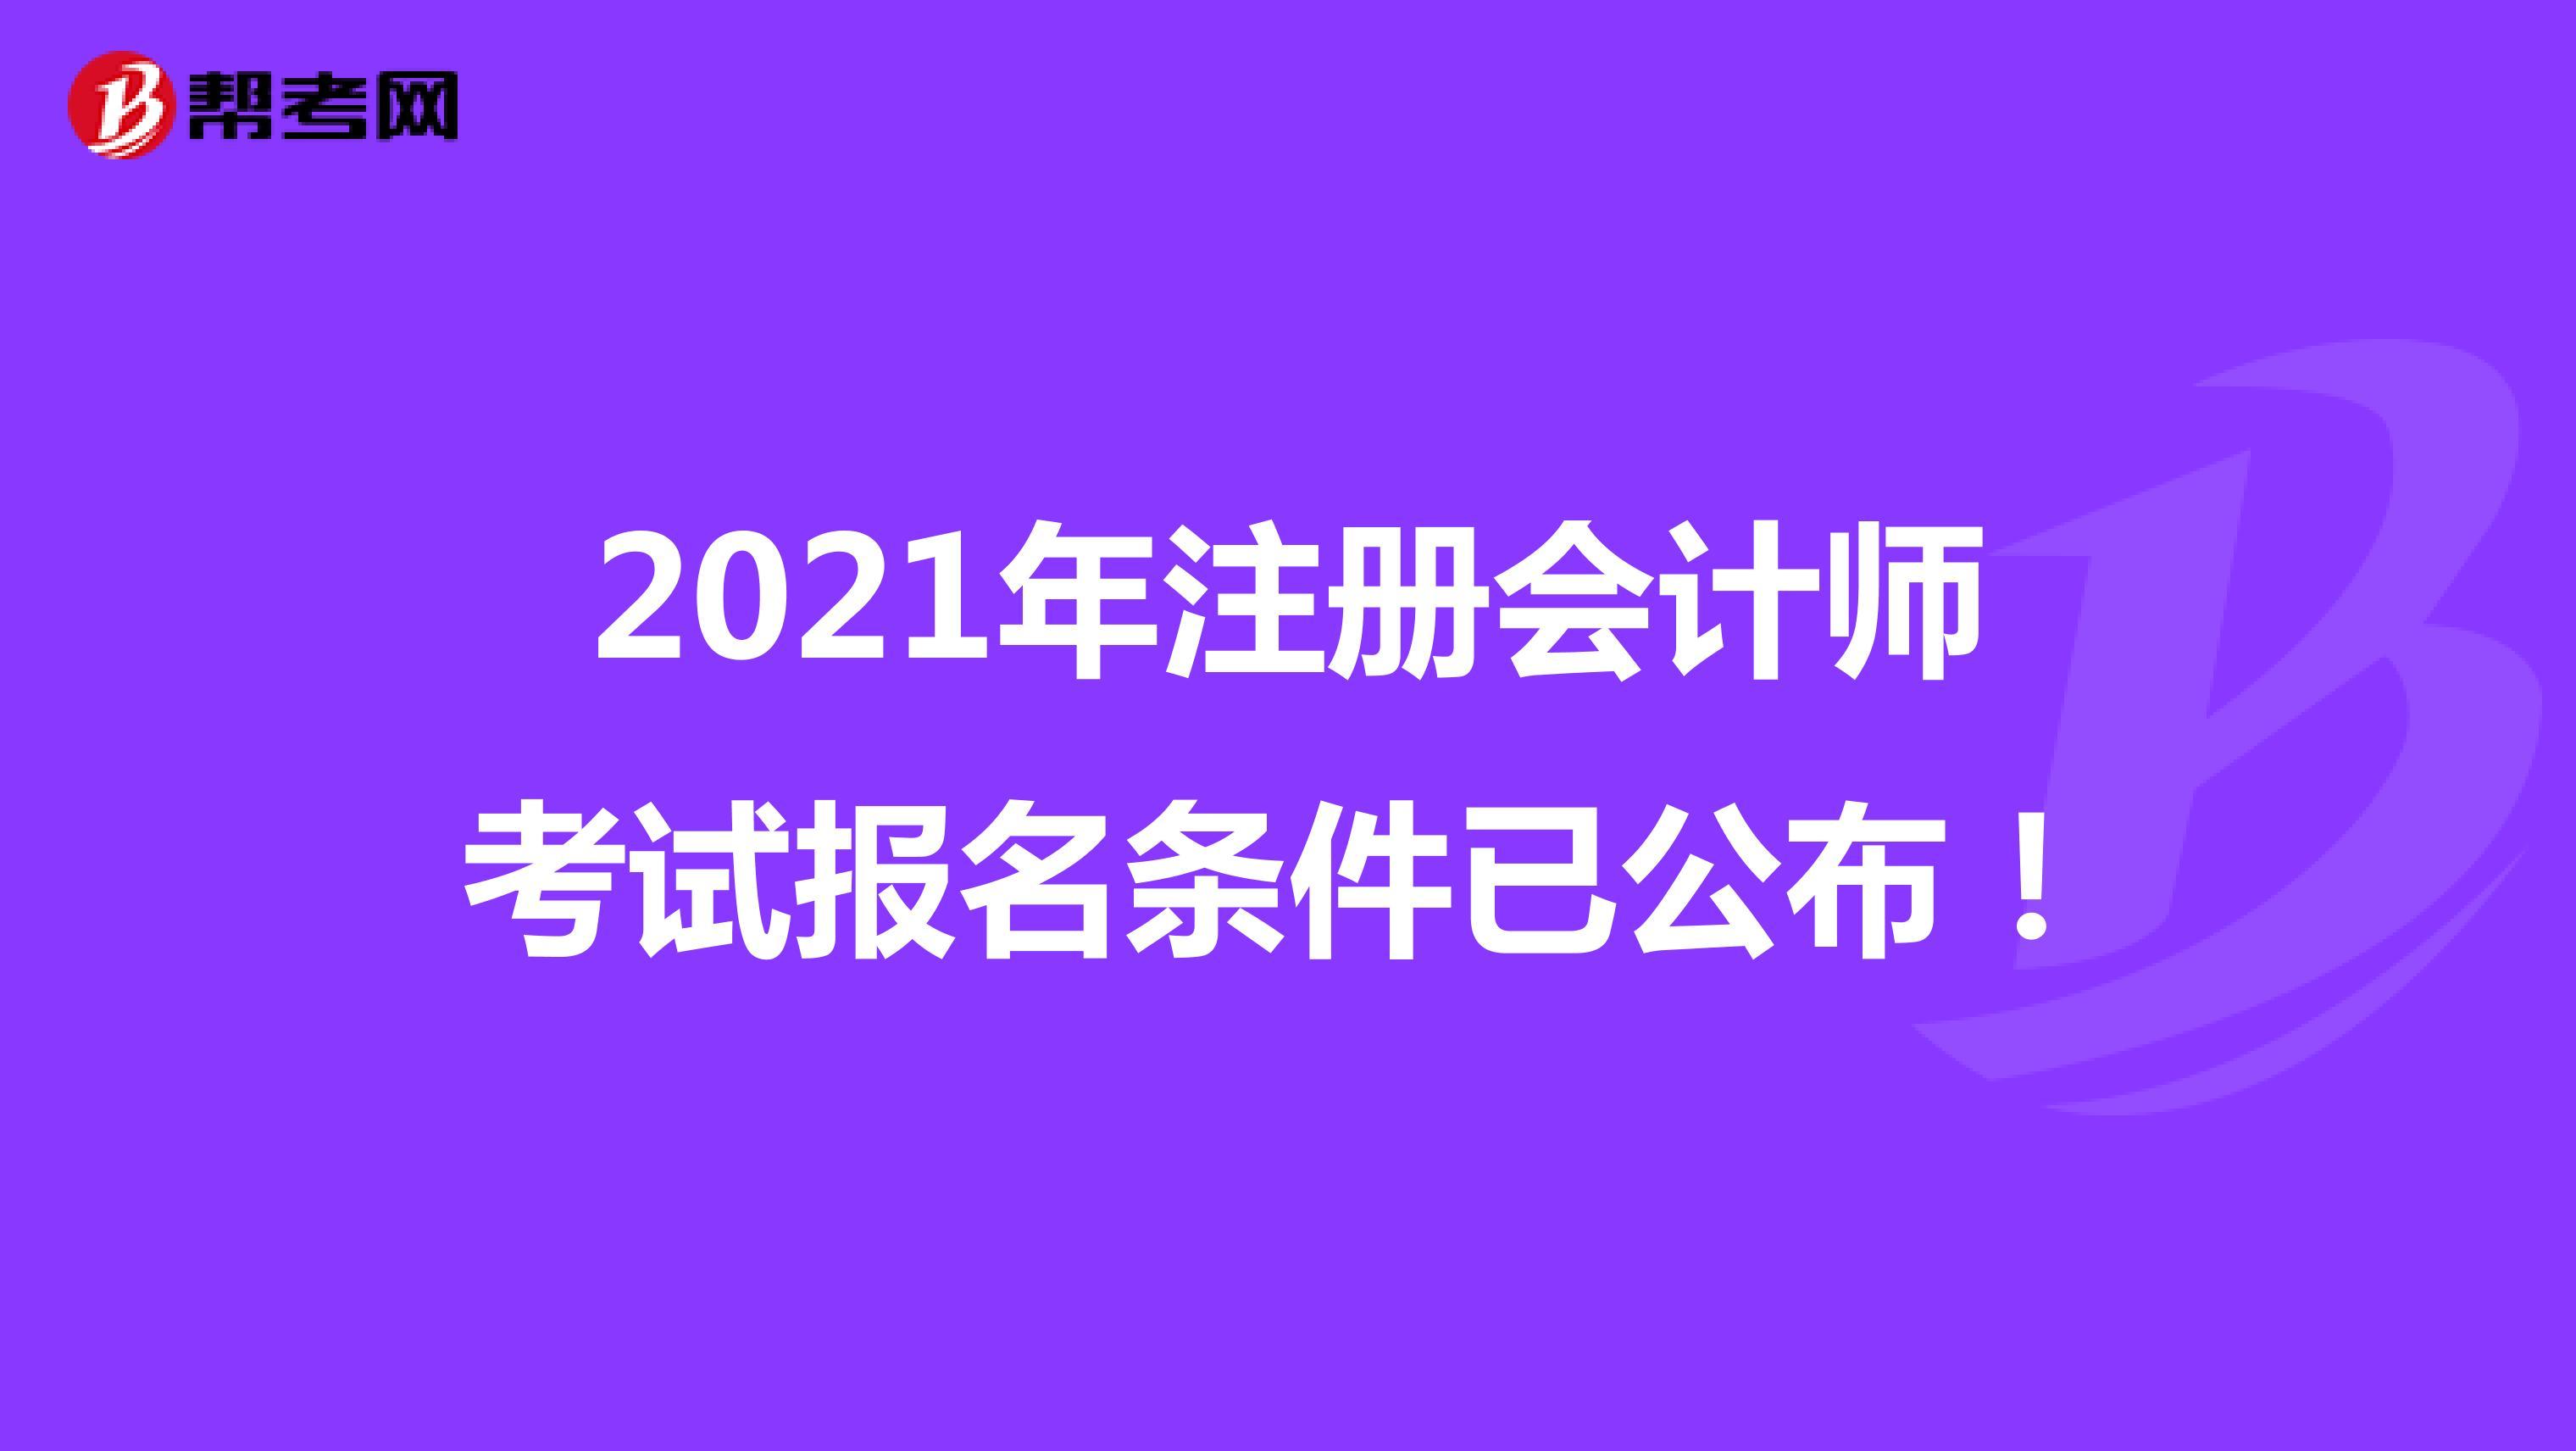 2021年注冊會計師考試報名條件已公布!